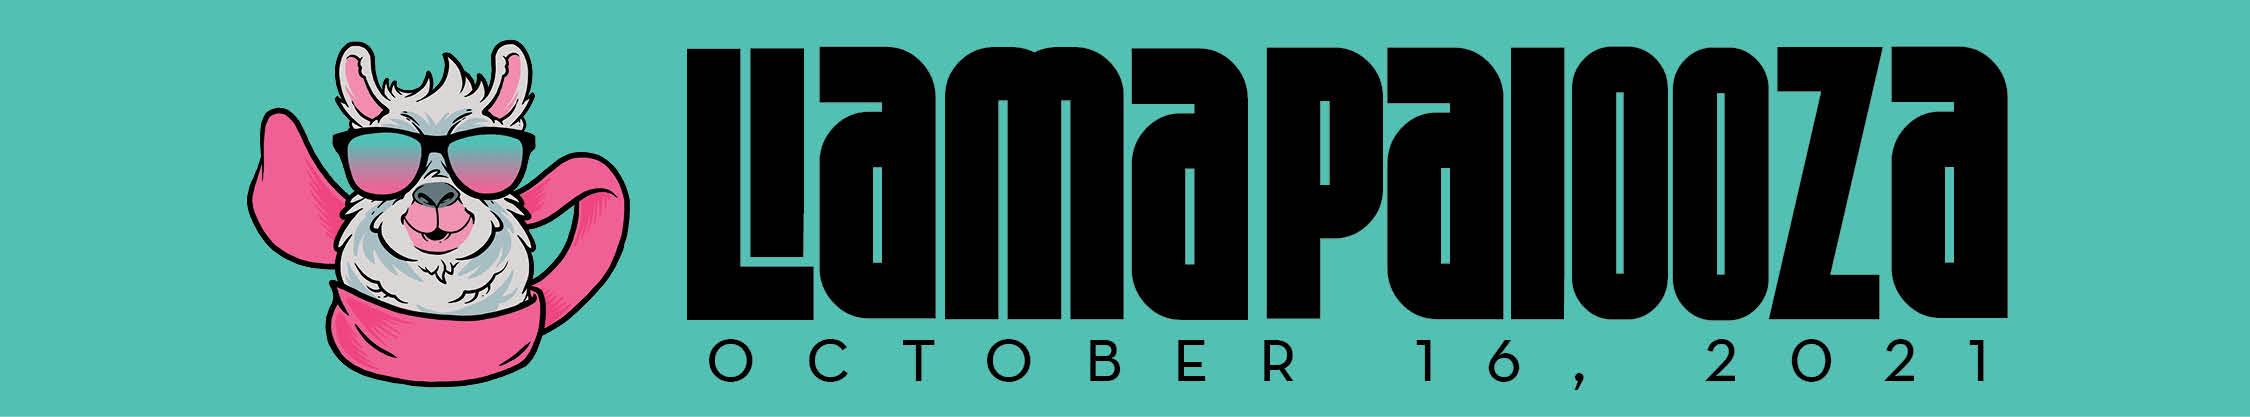 Llamapalooza is October 16, 2021